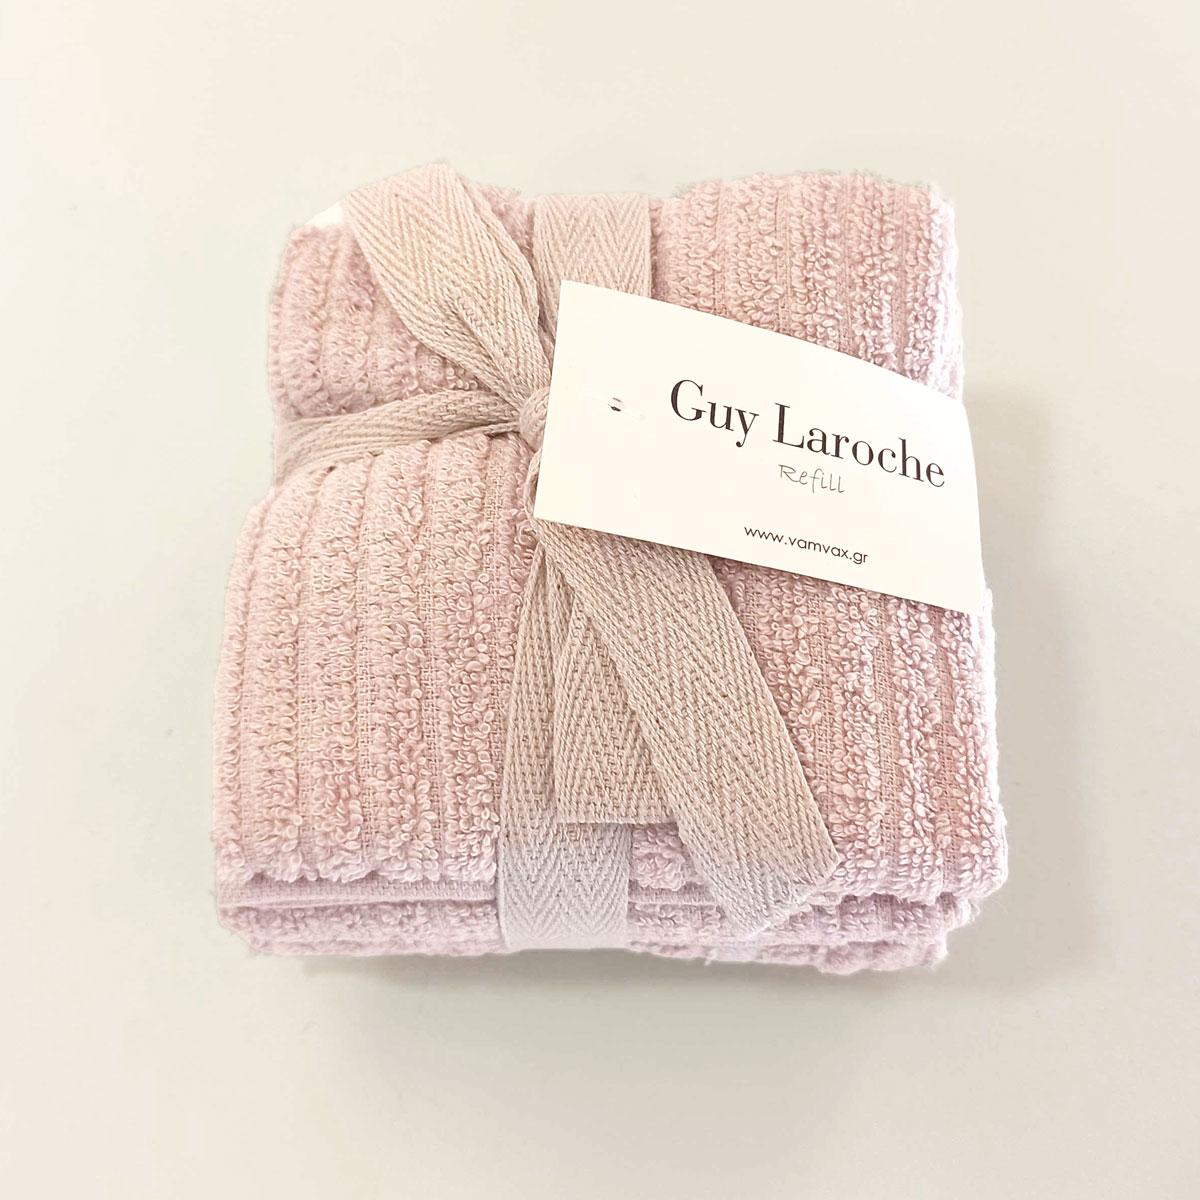 Λαβέτες (Σετ 6τμχ) Guy Laroche Guest Refill Lilac